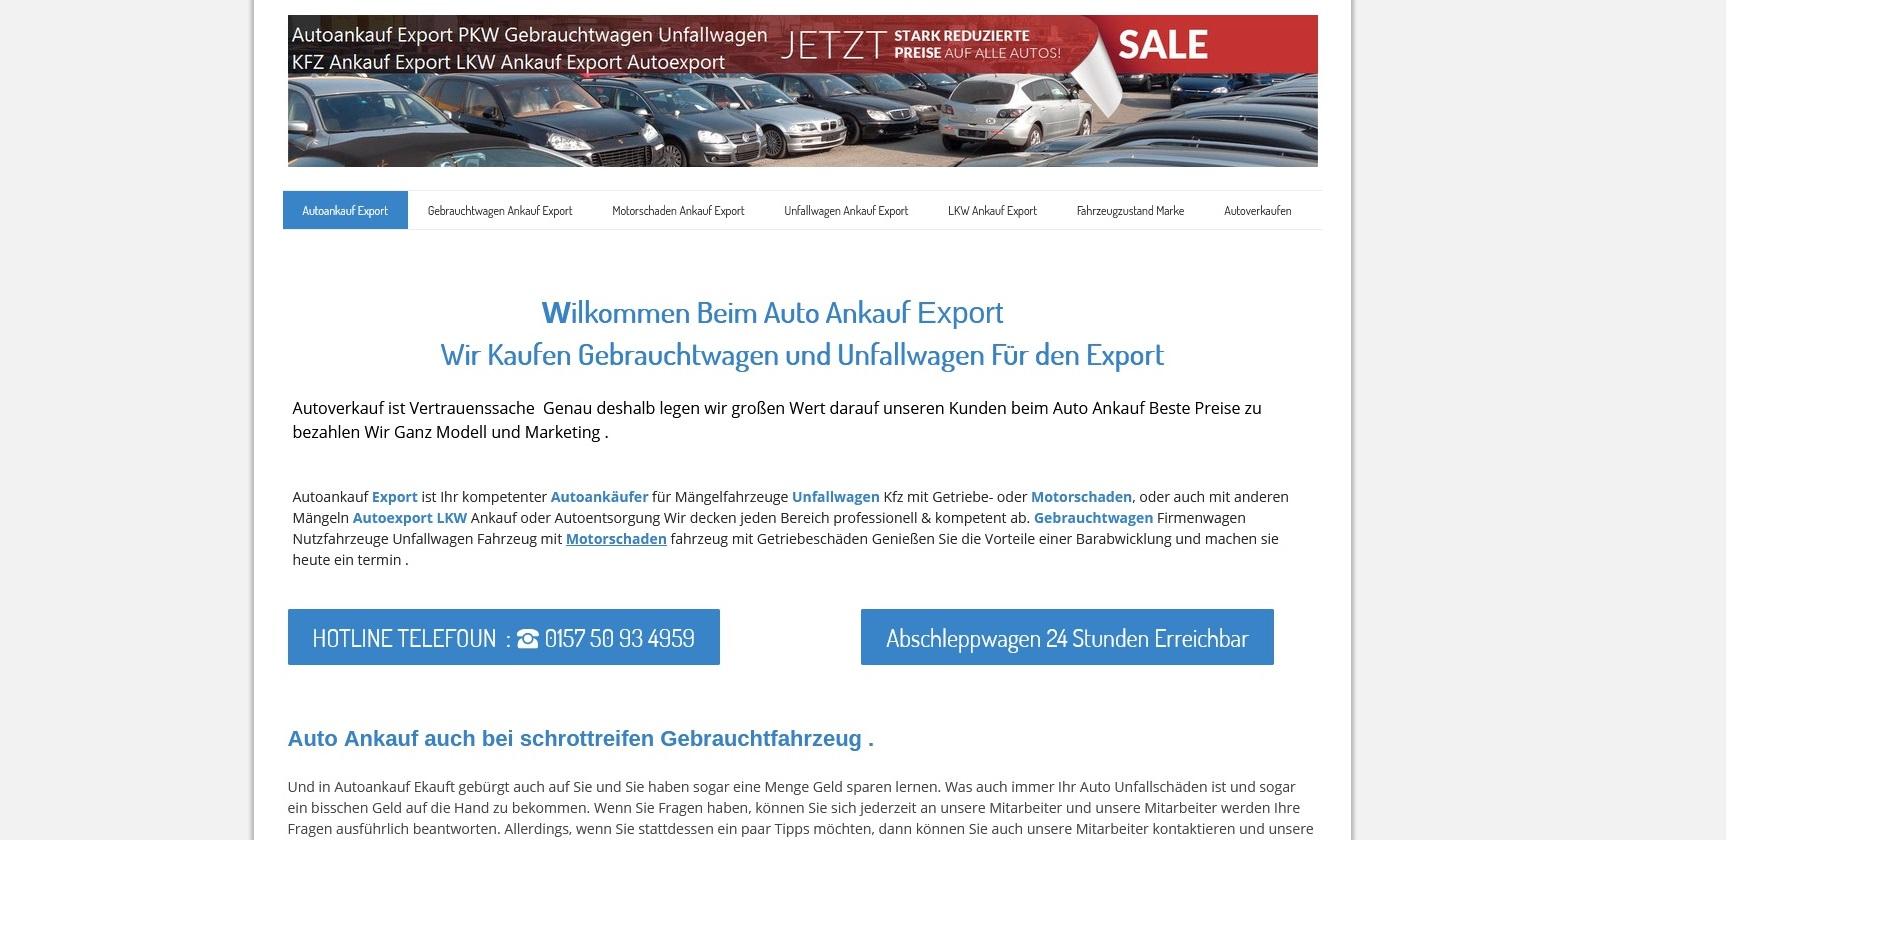 autoankauf ravensburg kauf maengelfahrzeuge auch ohne tuev - Autoankauf Ravensburg kauf Mängelfahrzeuge auch ohne TÜV